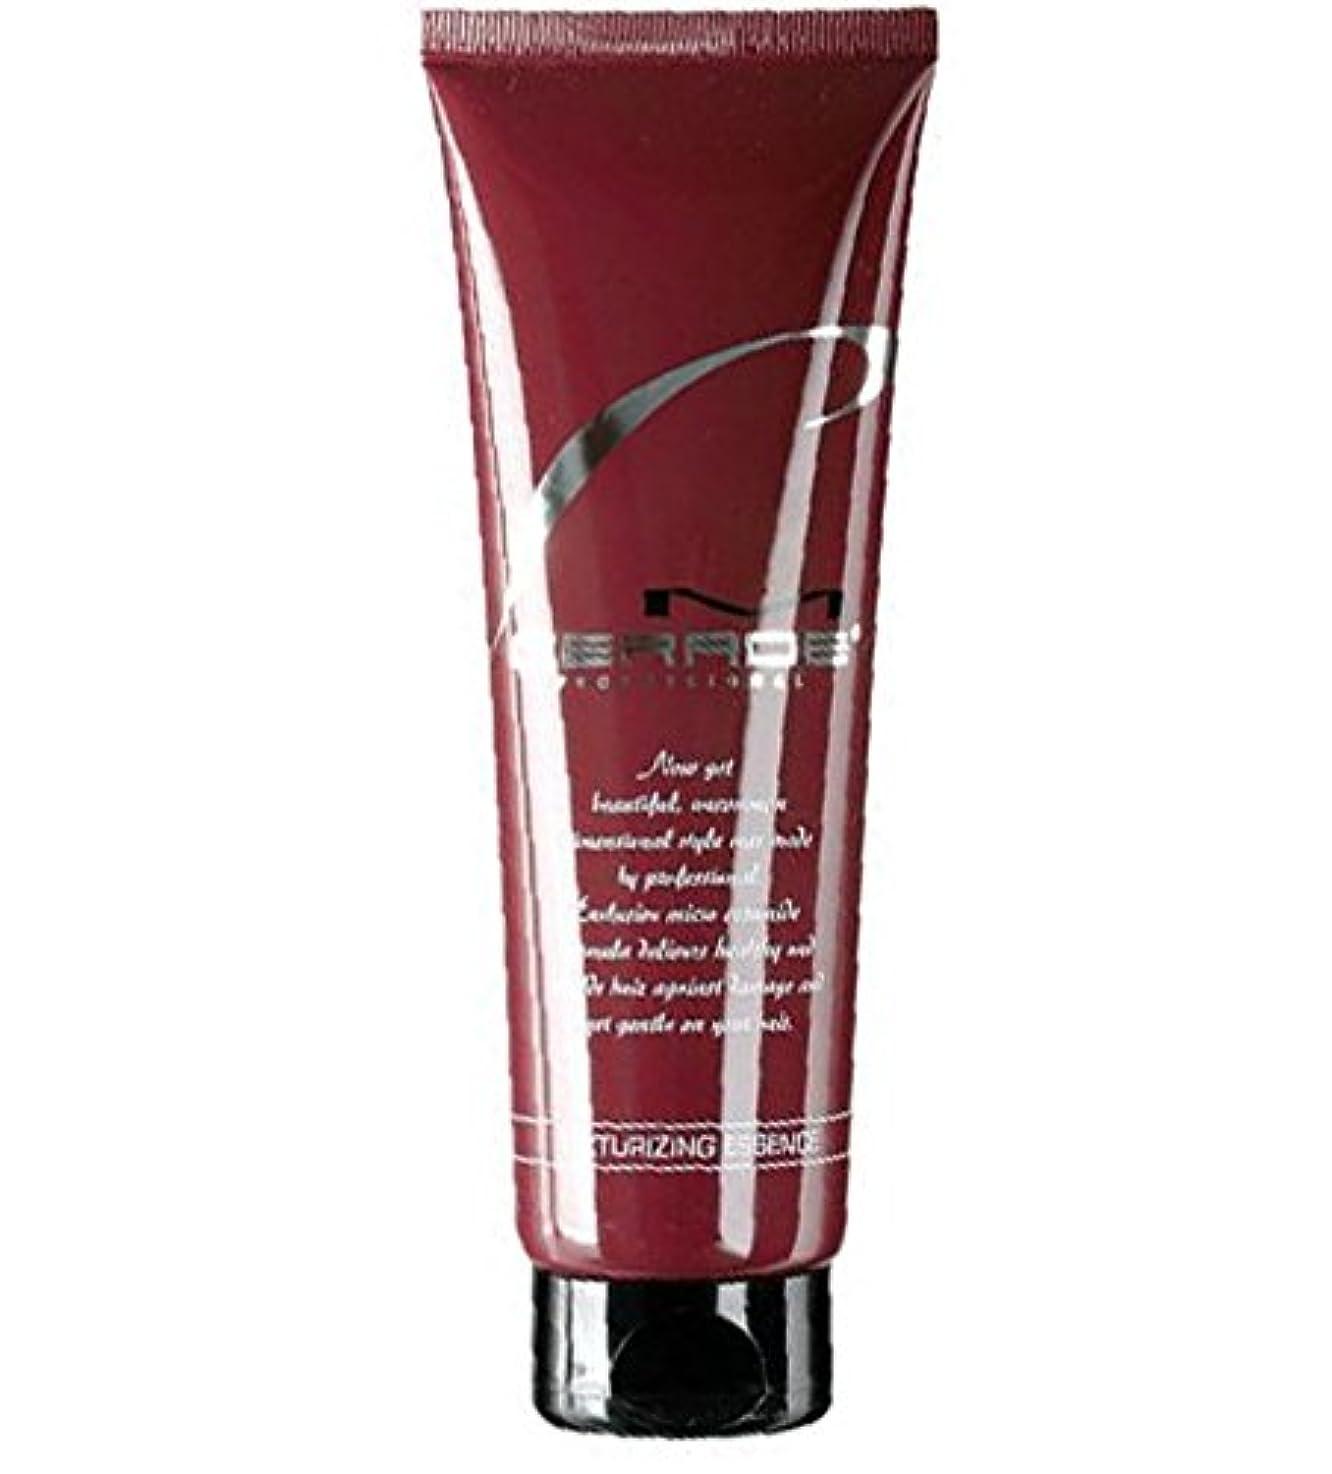 財団カルシウム南東韓国コスメ】[Somang/希望]Somang Mcerade Texturizing Hair Essence 200ml/希望エムセロッドテクスチャライジングヘアエッセンス(海外直送品)